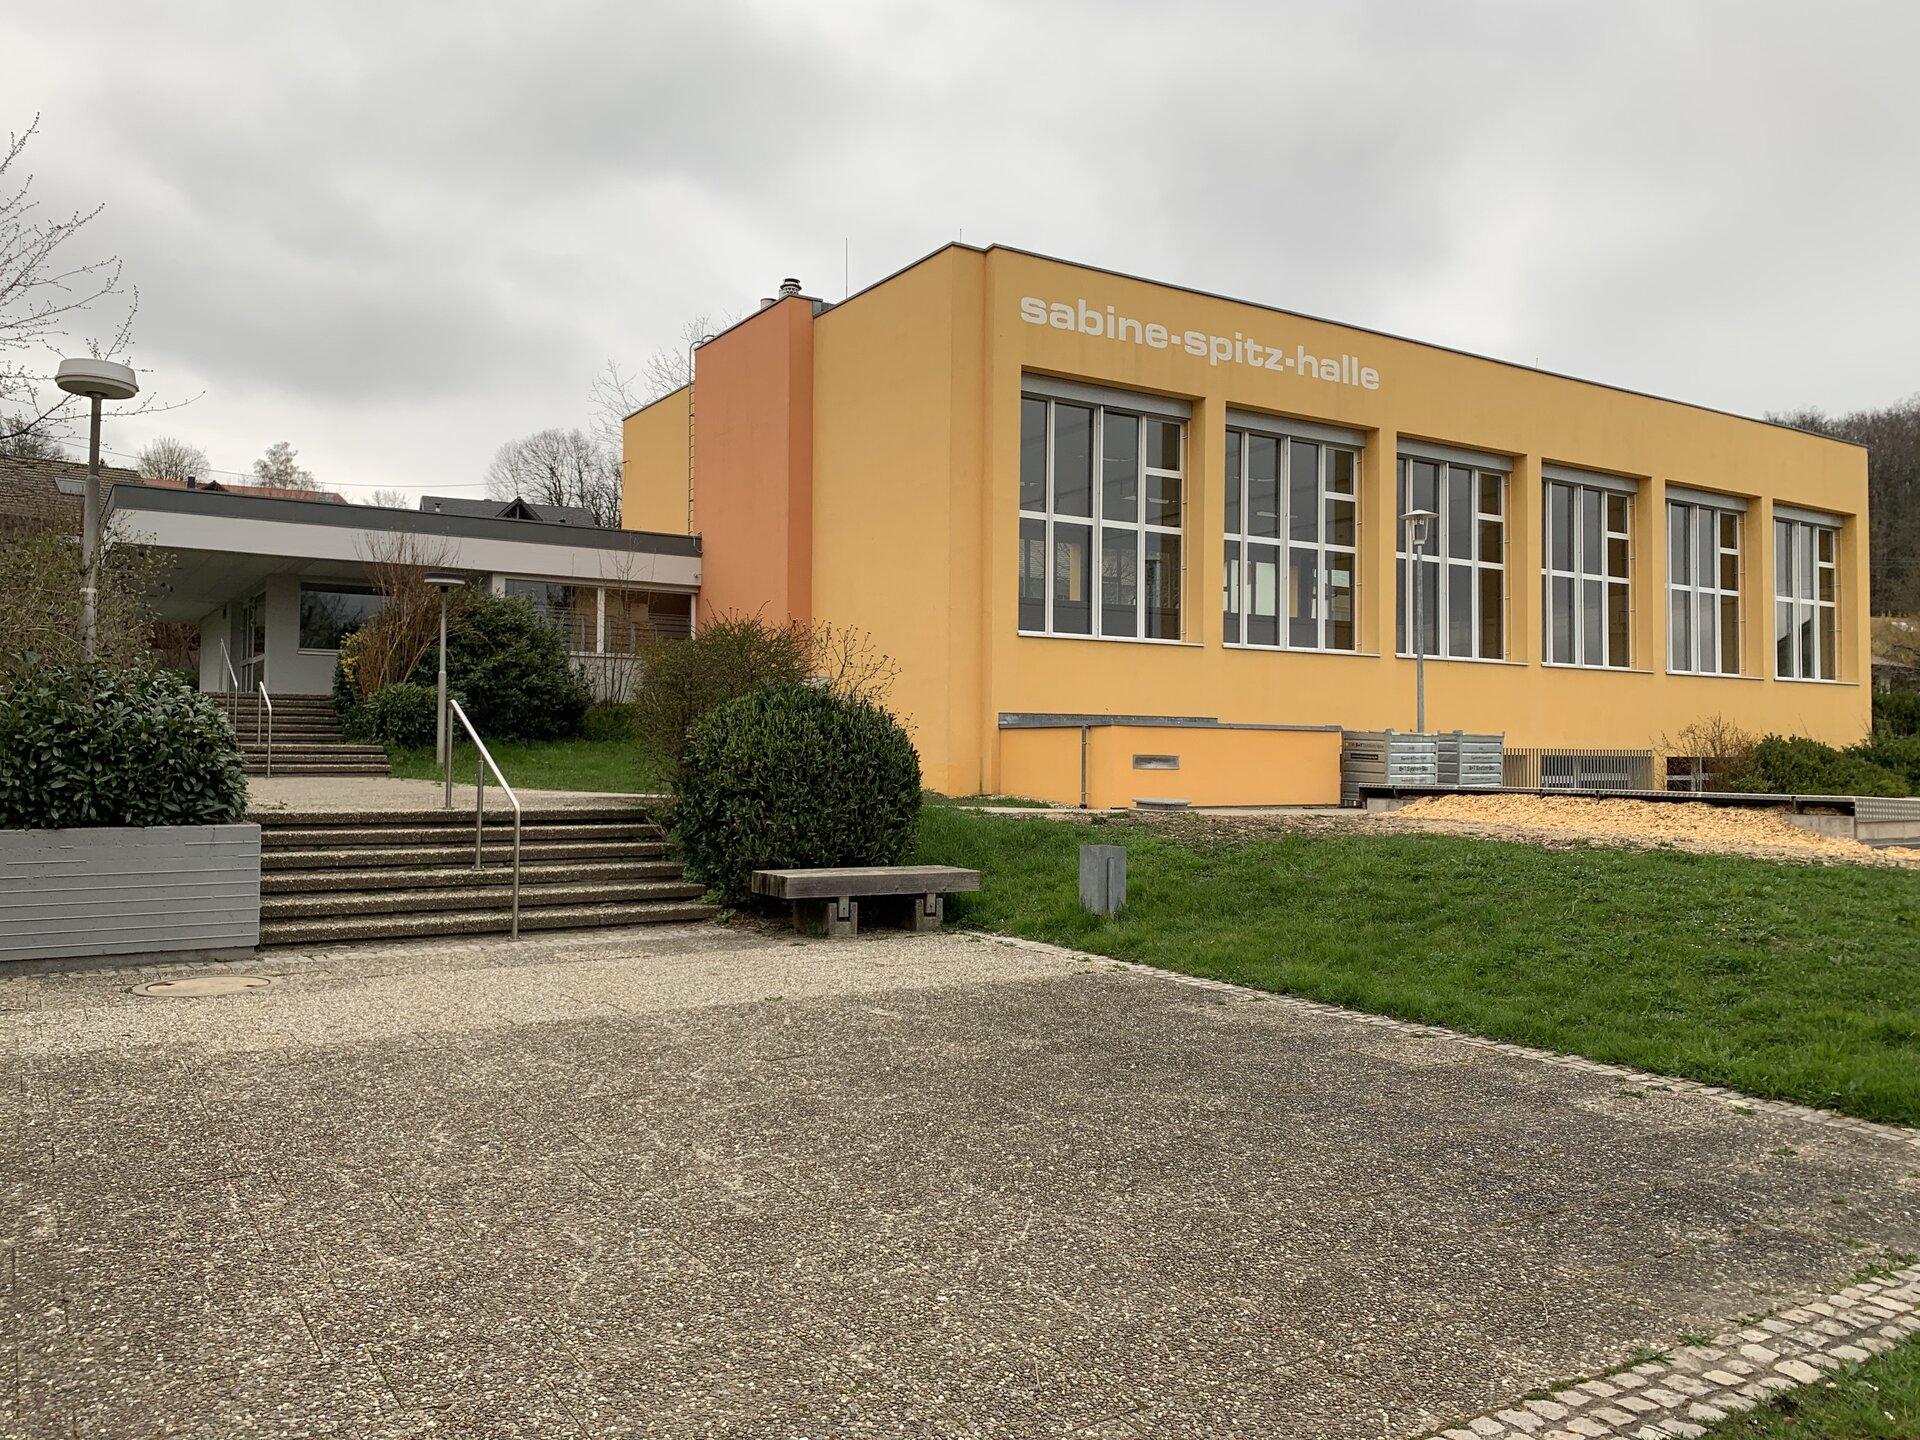 Sabine-Spitz-Halle